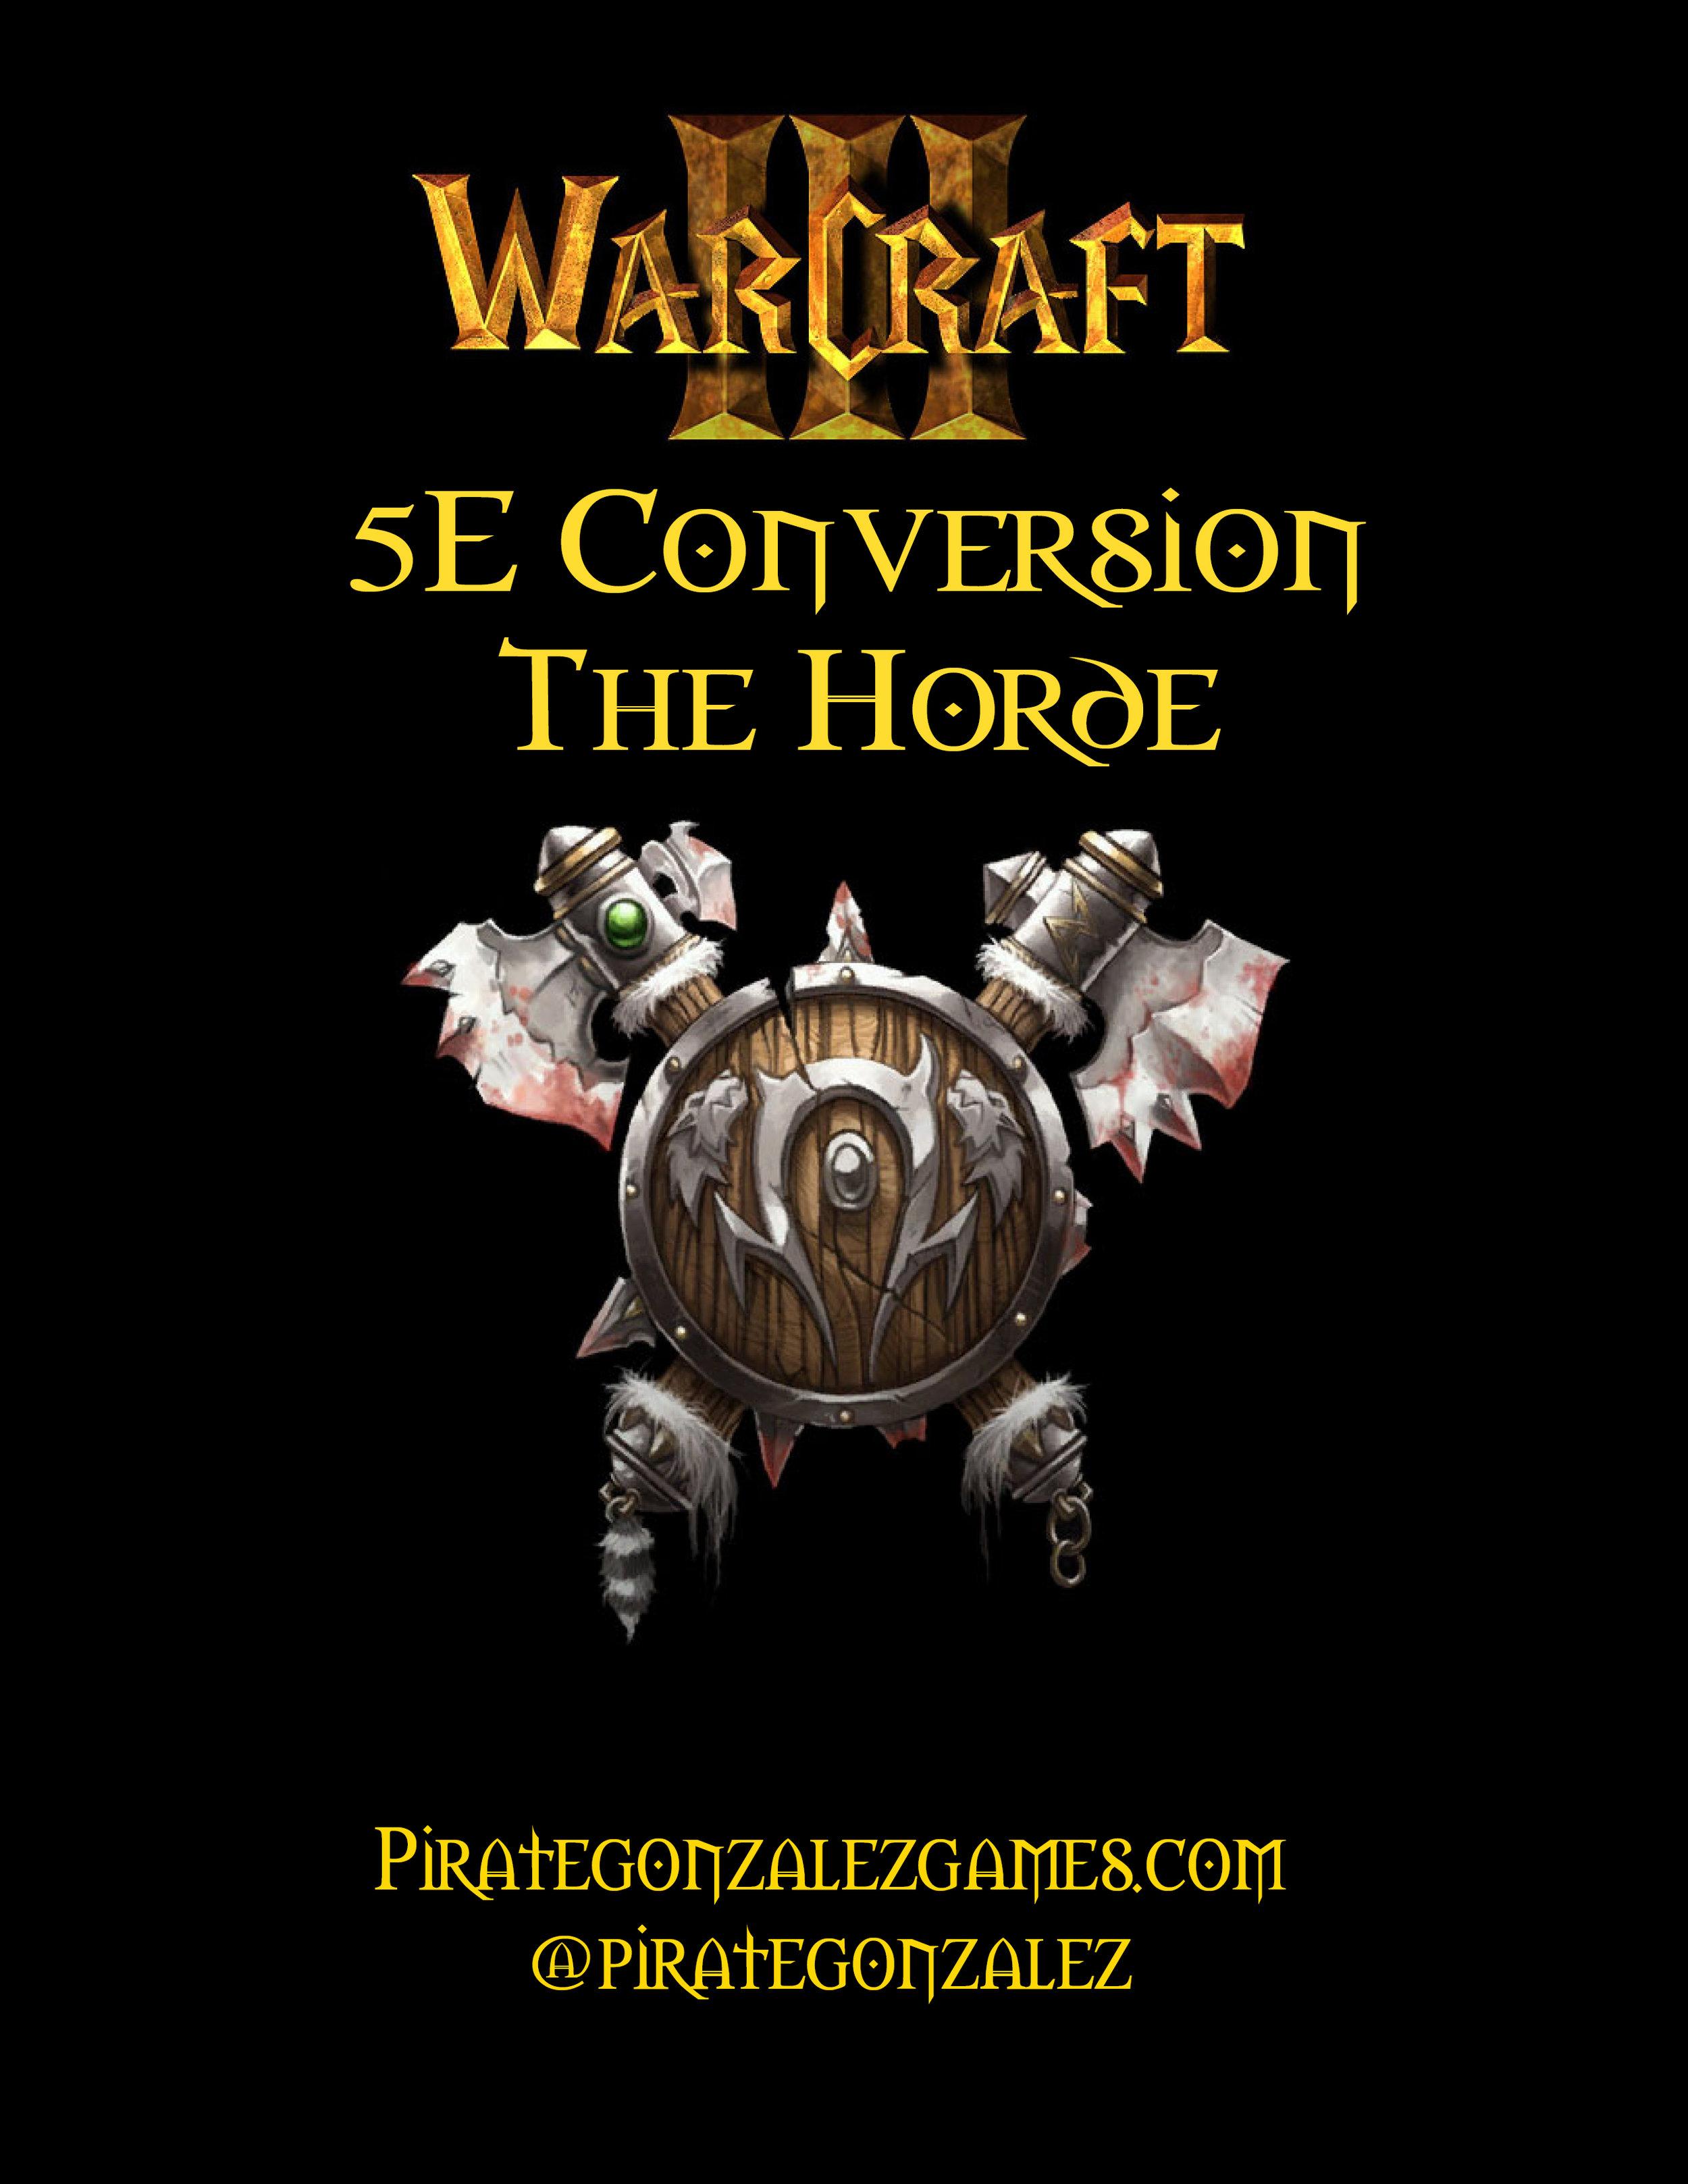 Warcraft III: Horde